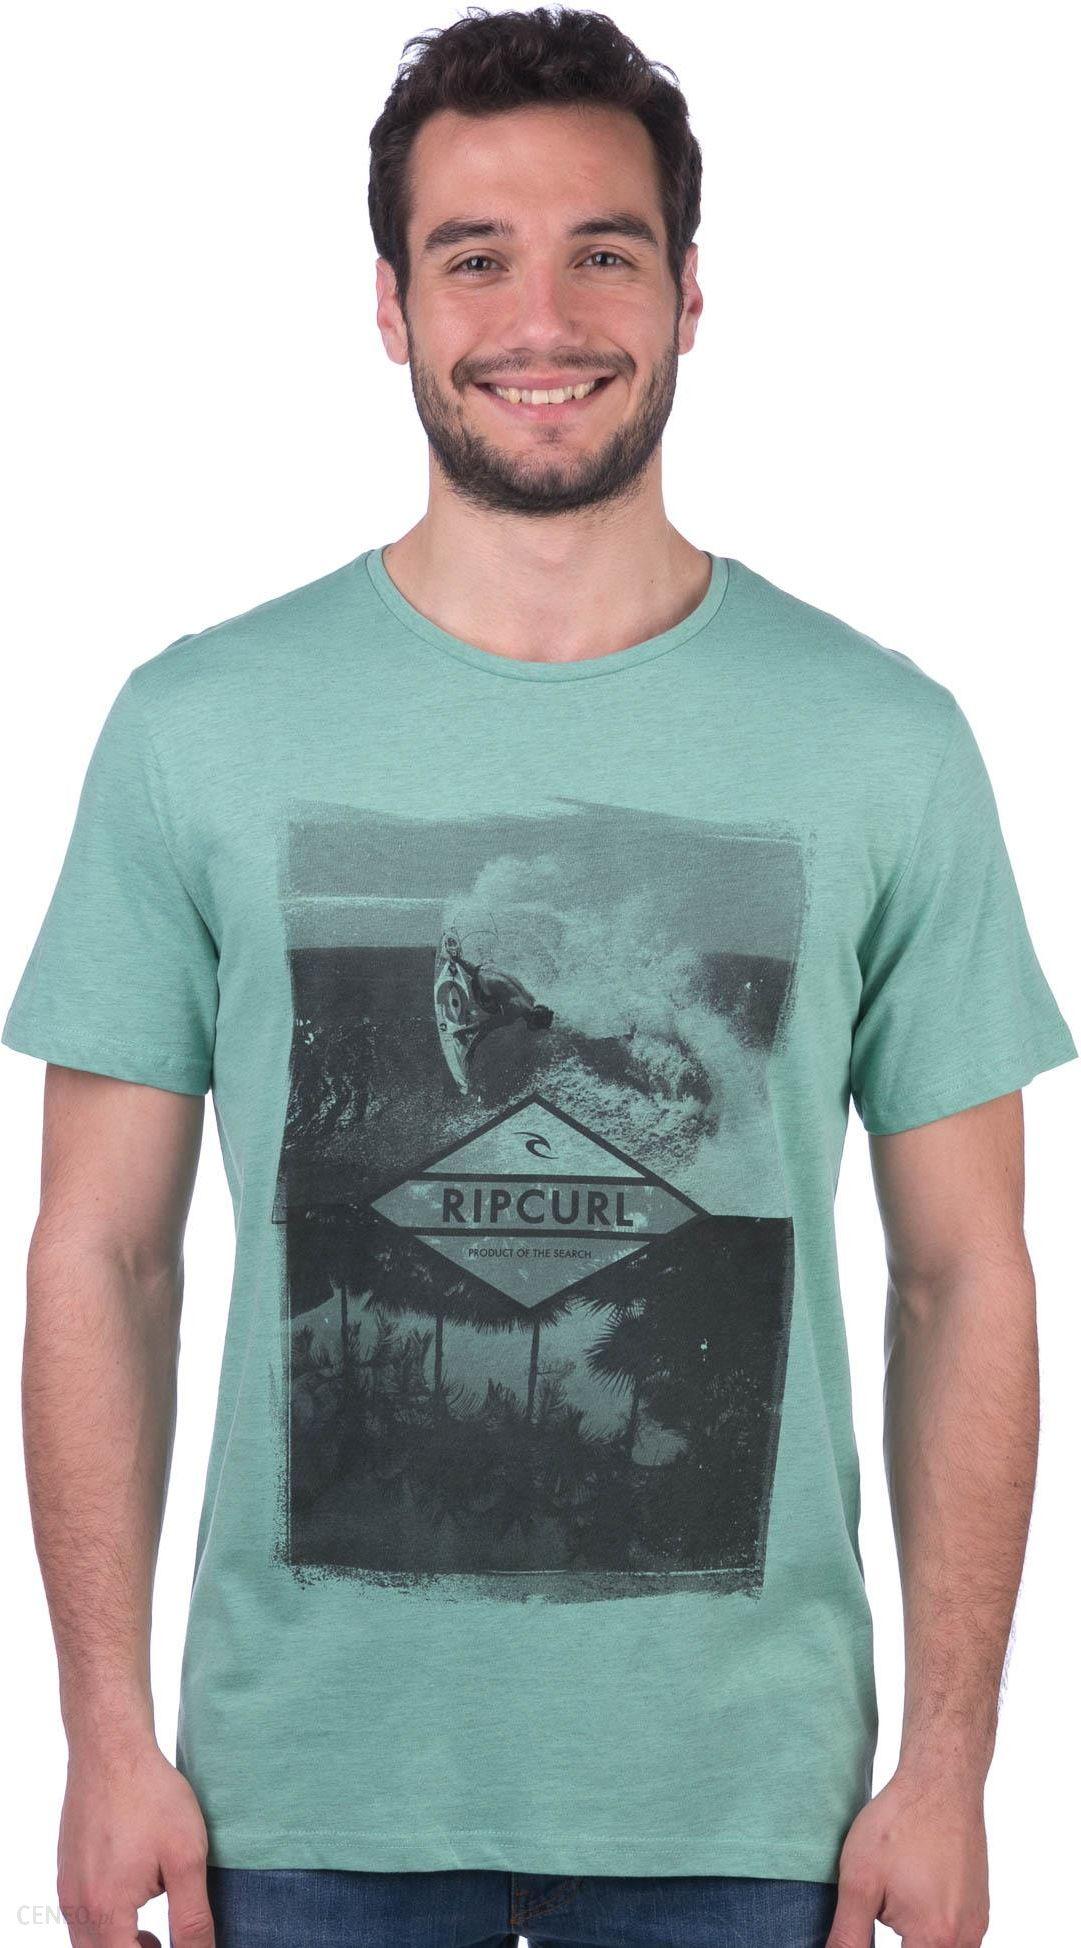 c2fb067ac Rip Curl T-shirt męski Surfers XL zielony - Ceny i opinie - Ceneo.pl